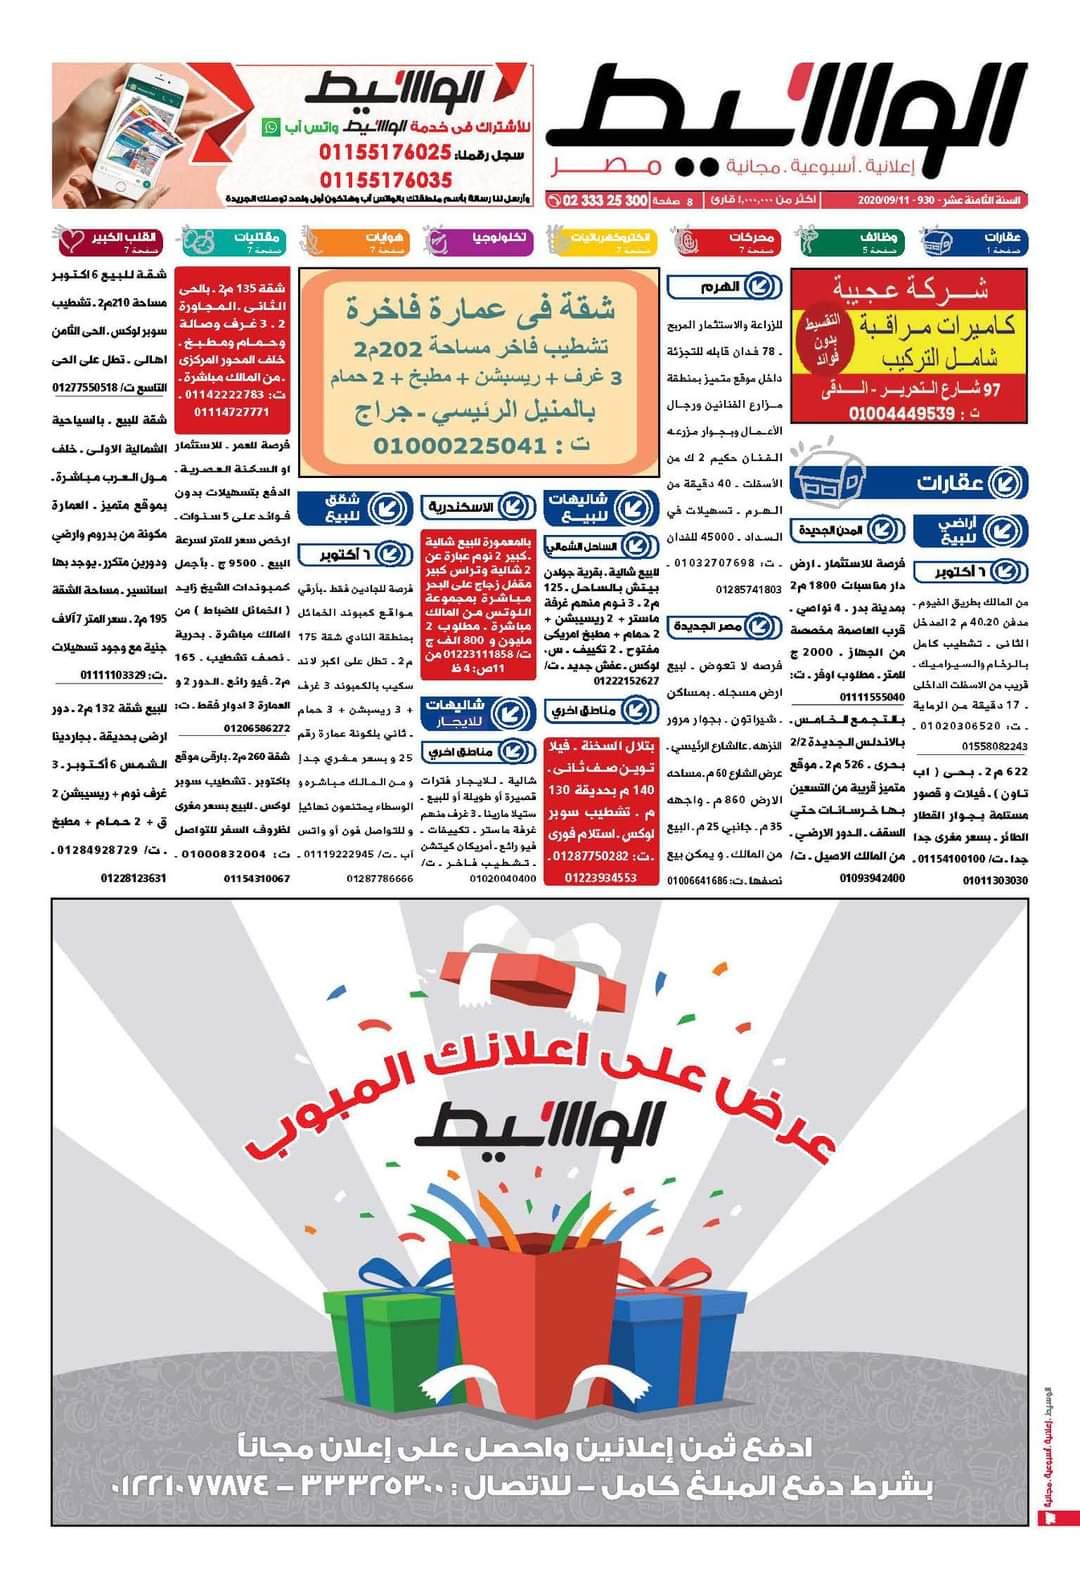 وظائف الوسيط و اعلانات الجمعه 14 سبتمبر 2020 وسيط الجمعه